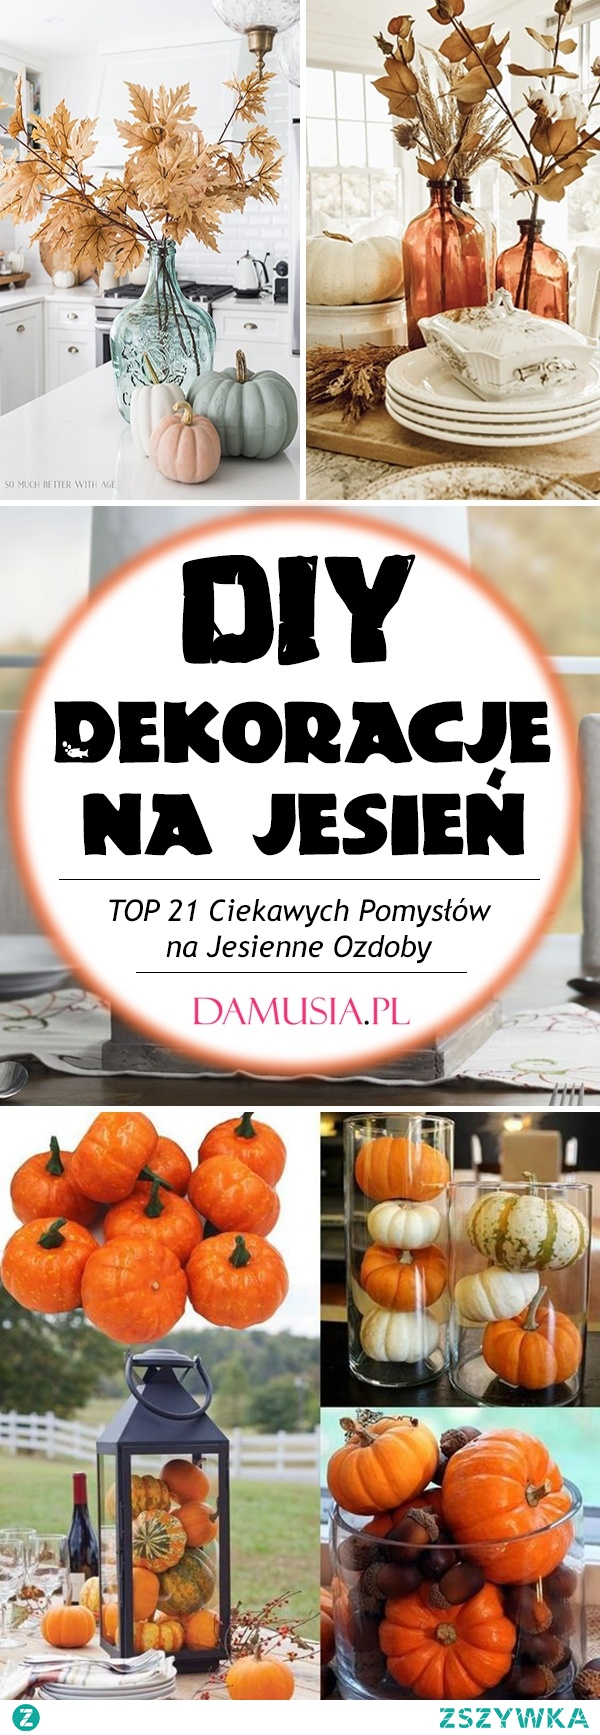 DIY Dekoracje na Jesień – TOP 21 Ciekawych Pomysłów na Jesienne Ozdoby